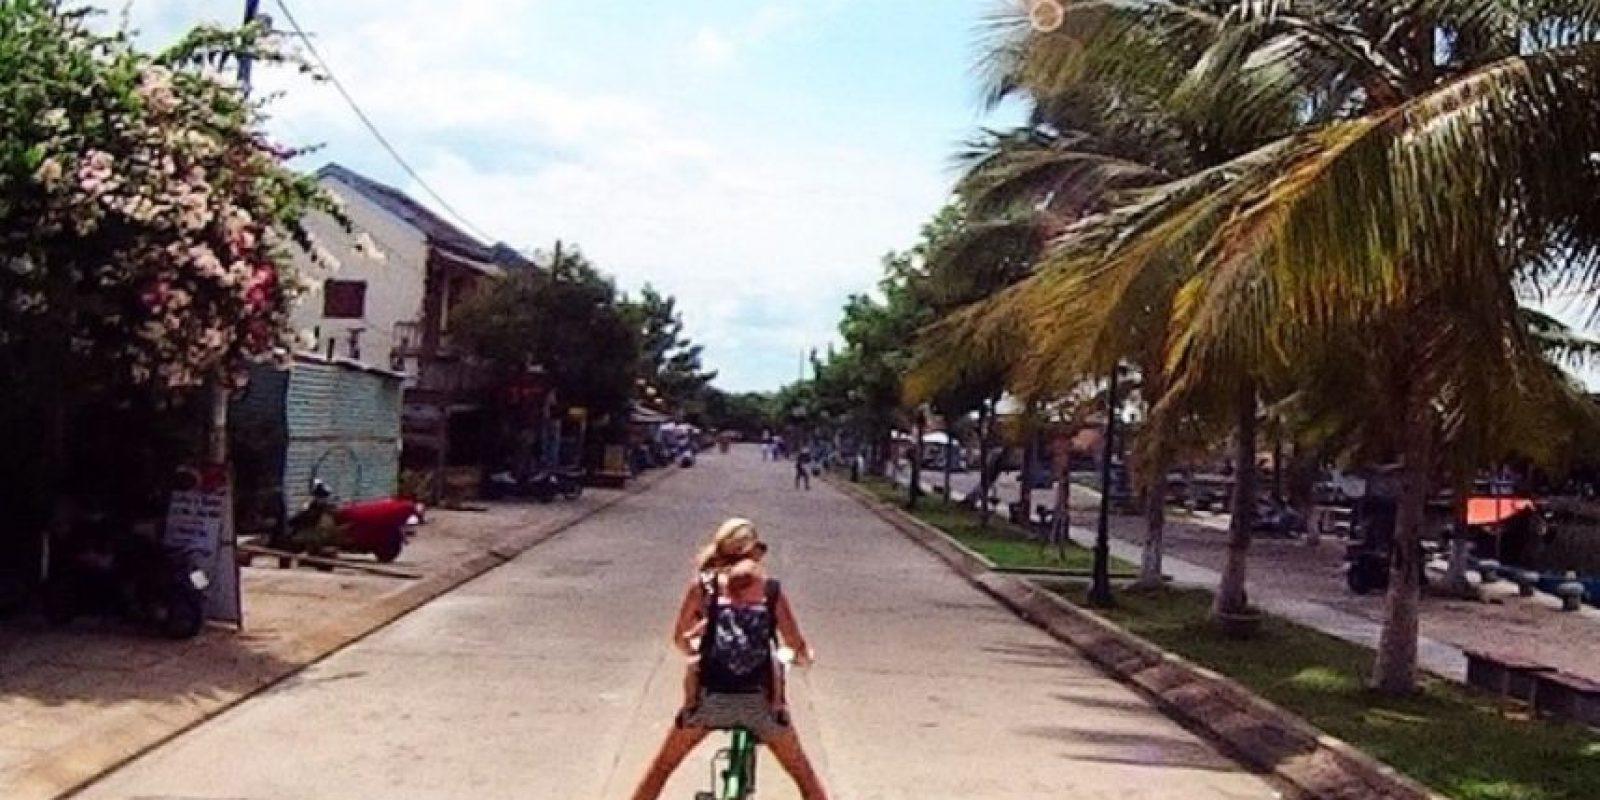 Karen Edwards, su madre, asegura que ha sido una de las mejores experiencias. Foto:instagram.com/travelmadmum/